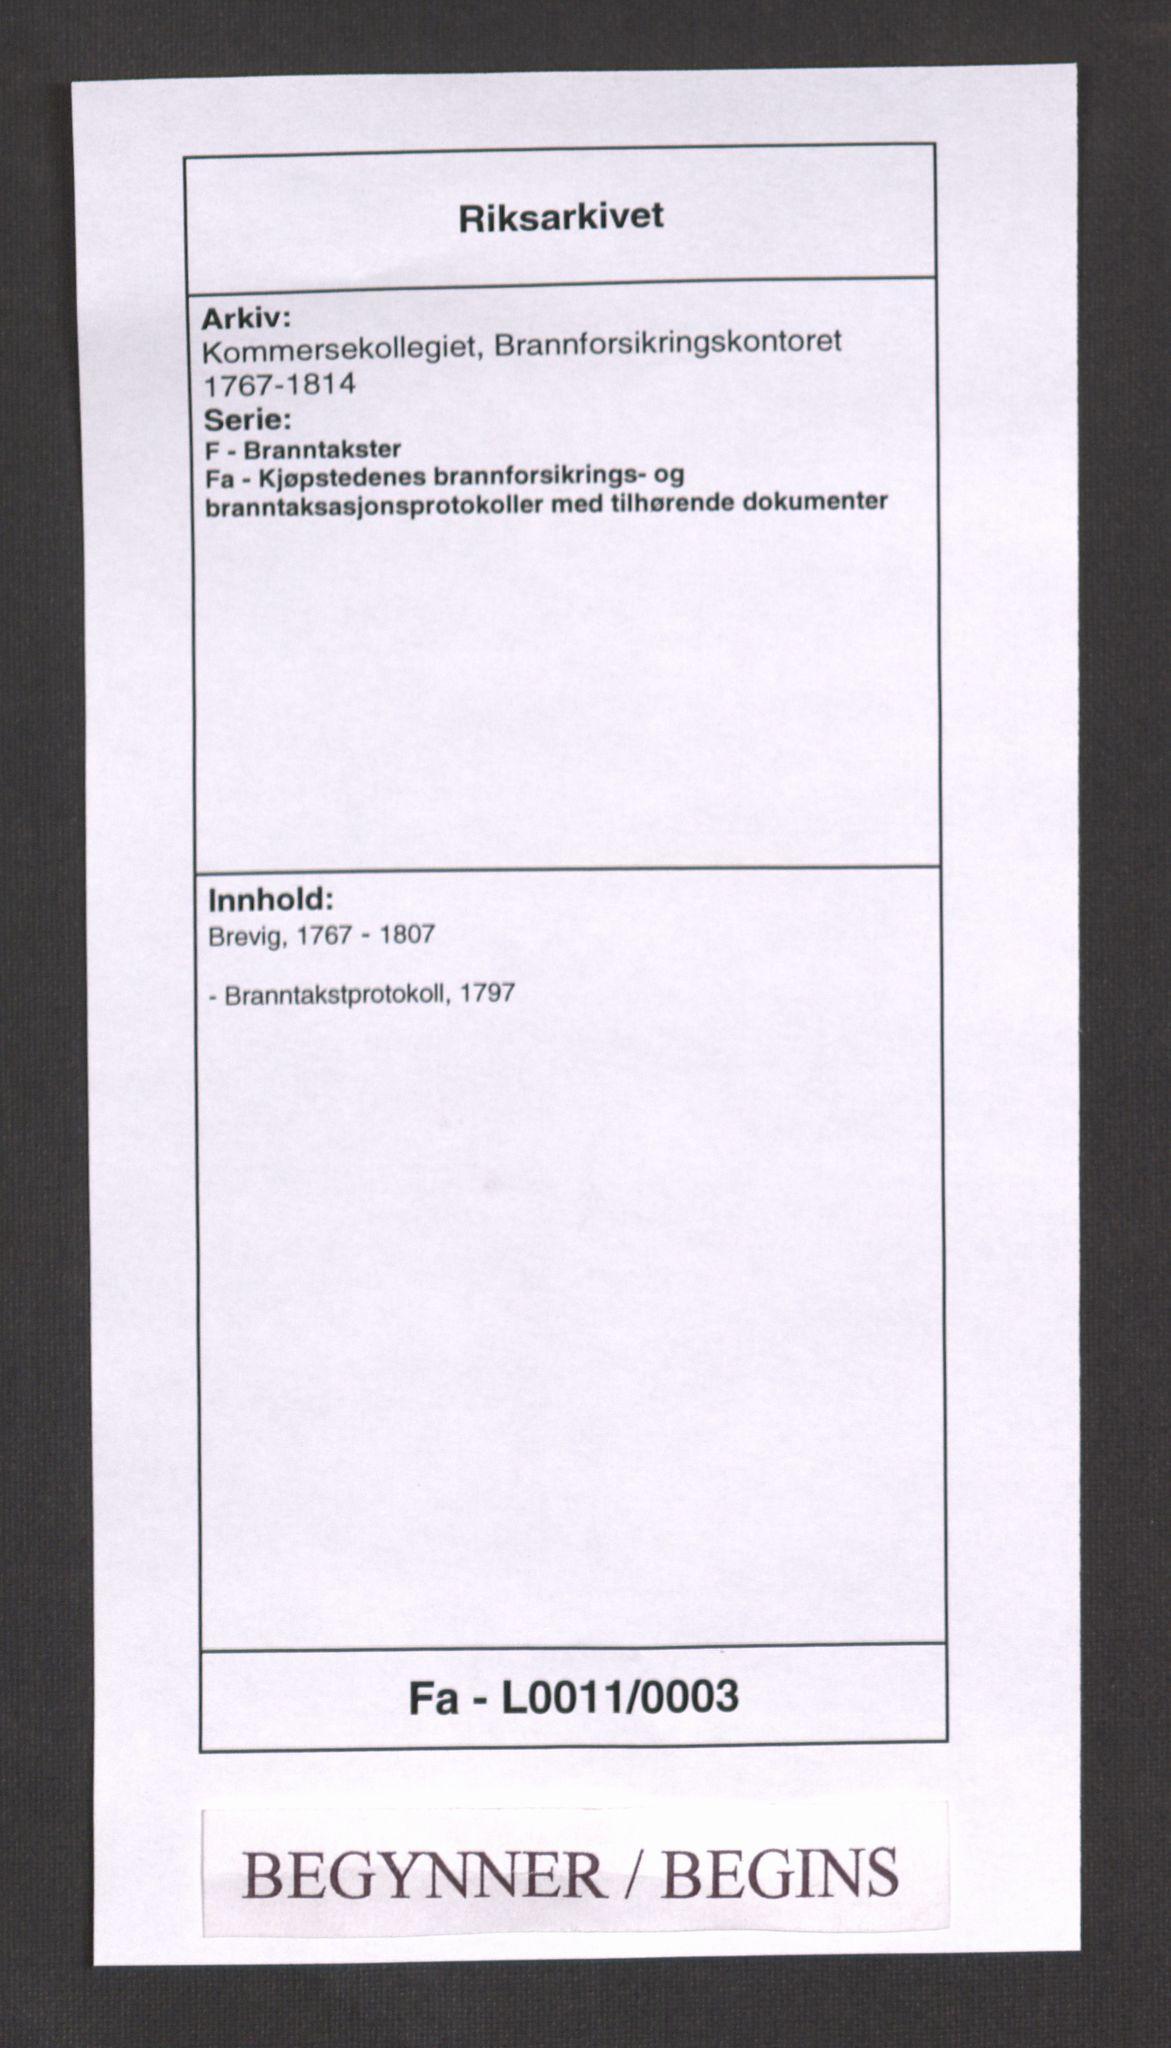 RA, Kommersekollegiet, Brannforsikringskontoret 1767-1814, F/Fa/L0011: Brevik, 1797